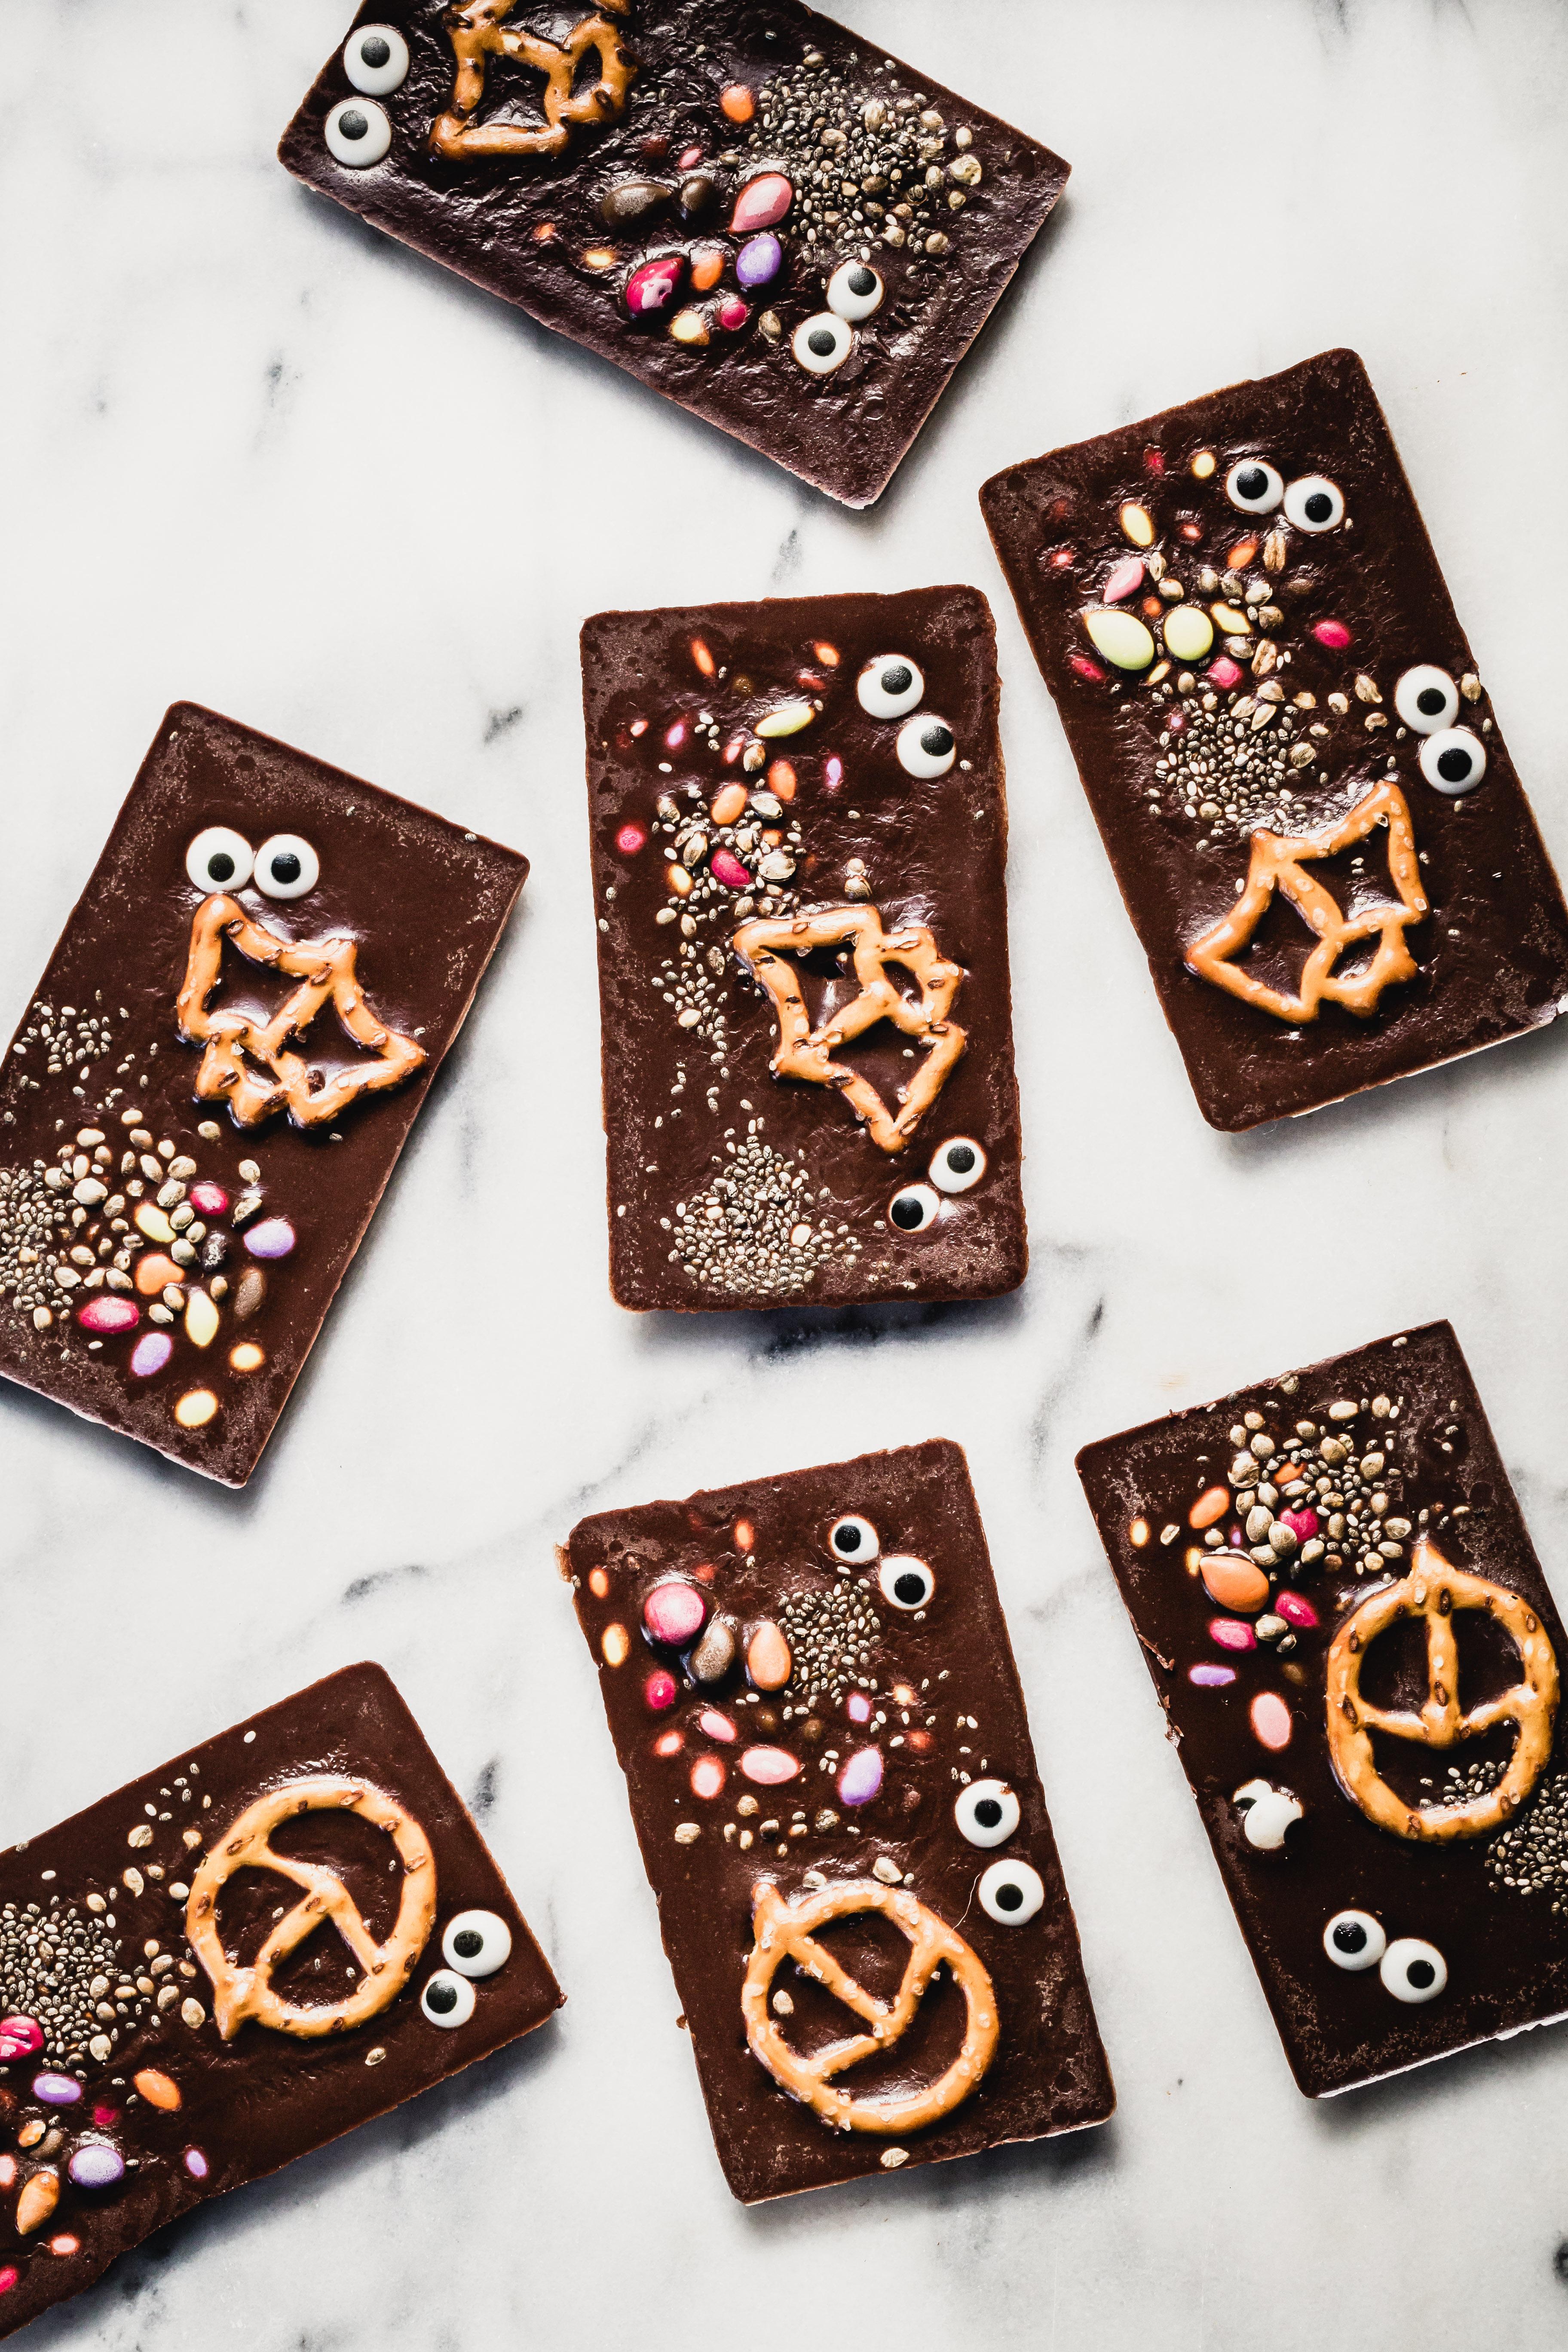 how to prepare homemade chocolate